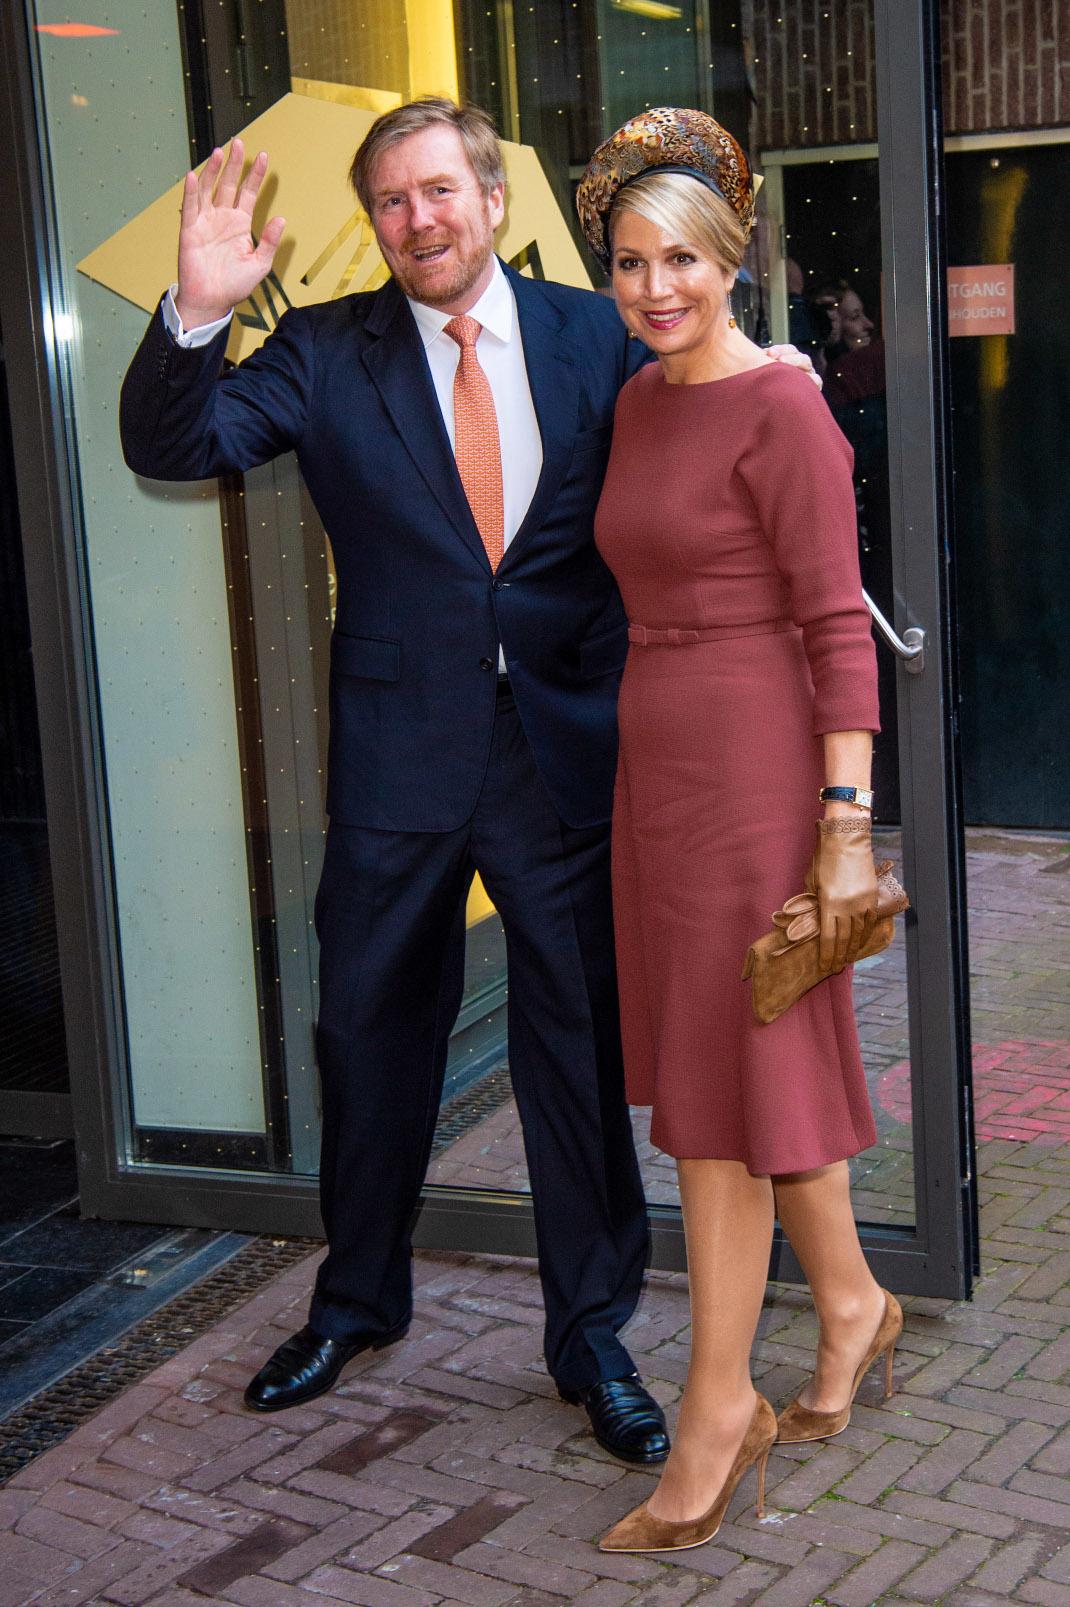 Βασιλιάς Βίλεμ Αλεξάντερ και βασίλισσα Μάξιμα